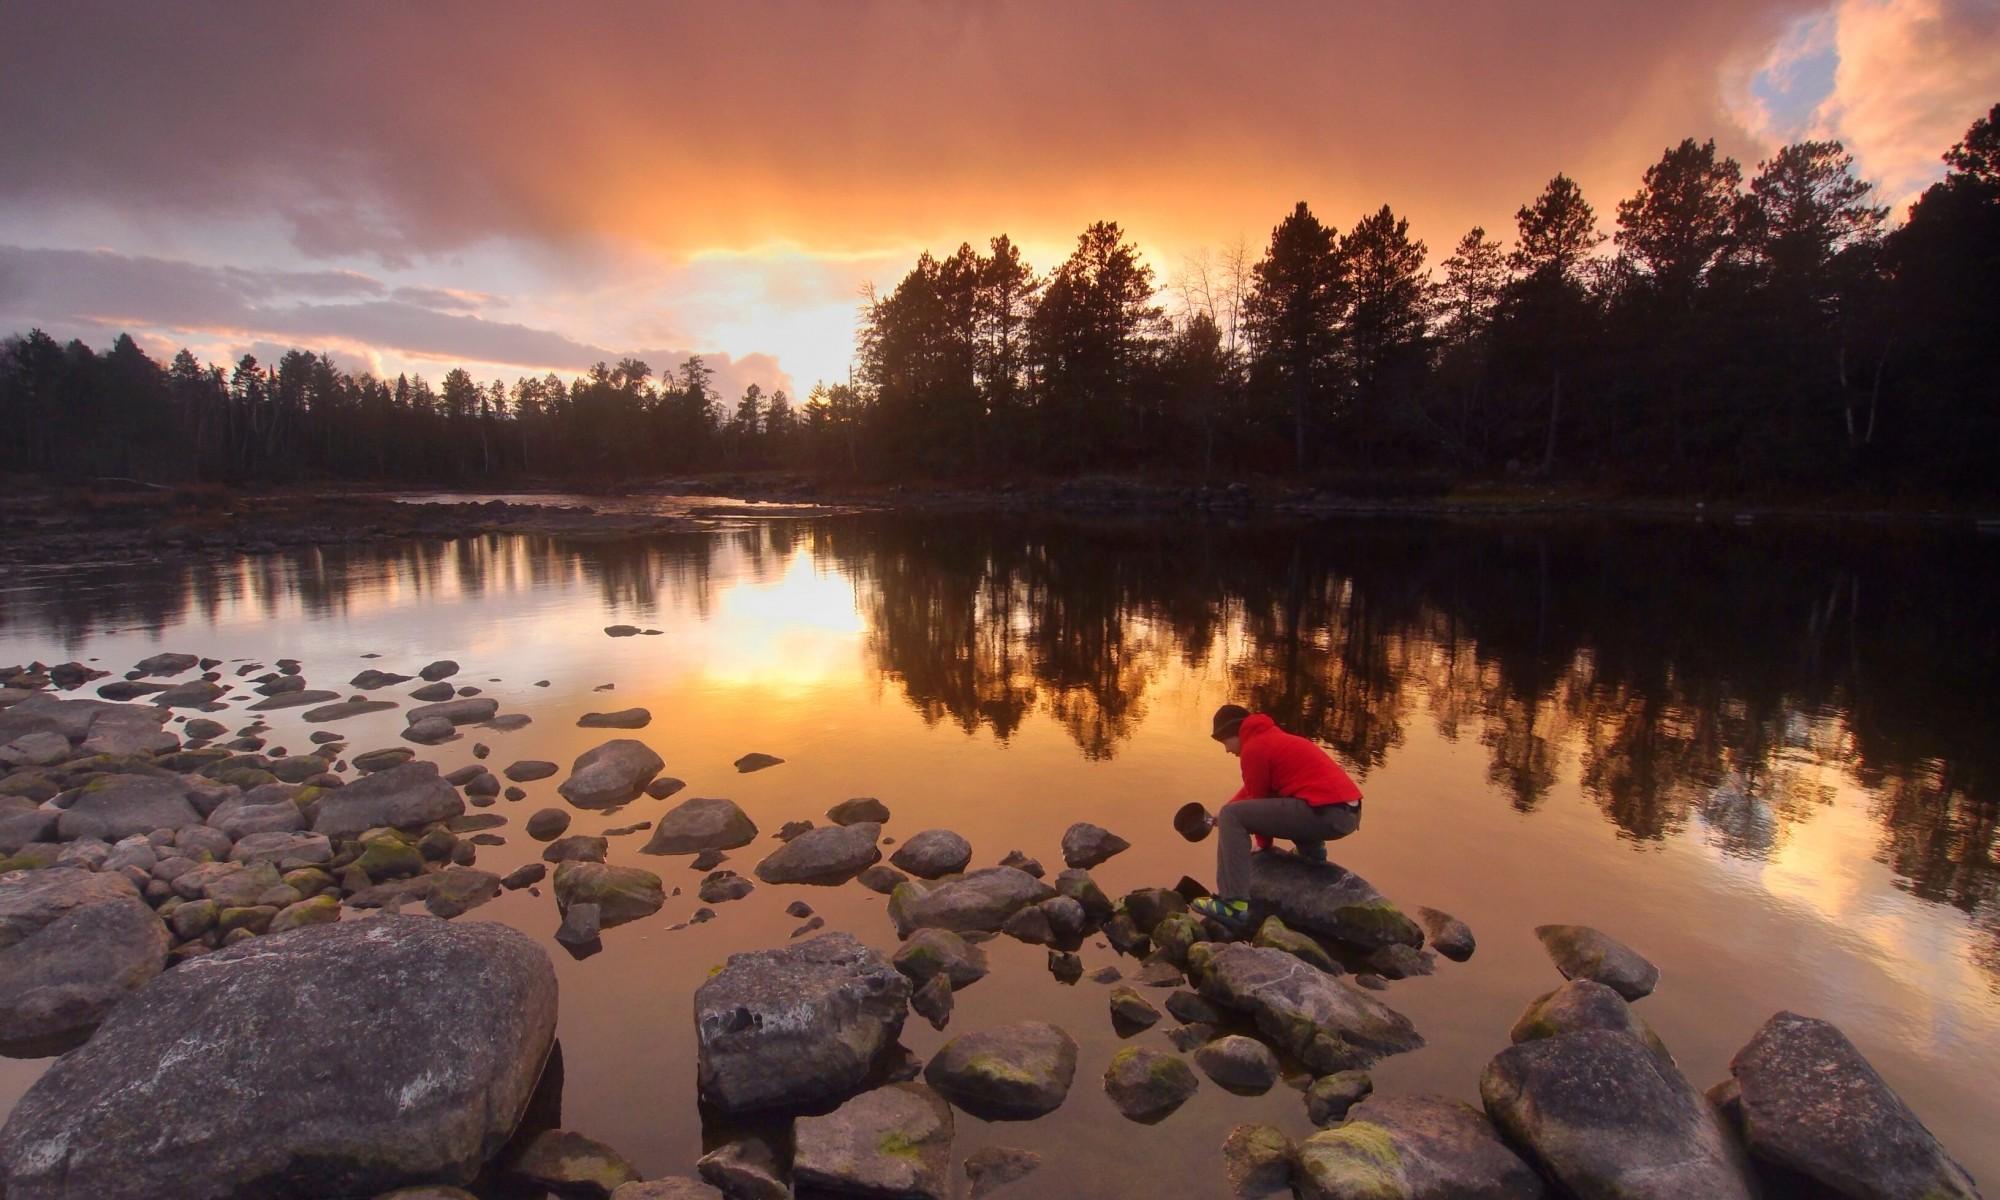 Kirkland sjö dating